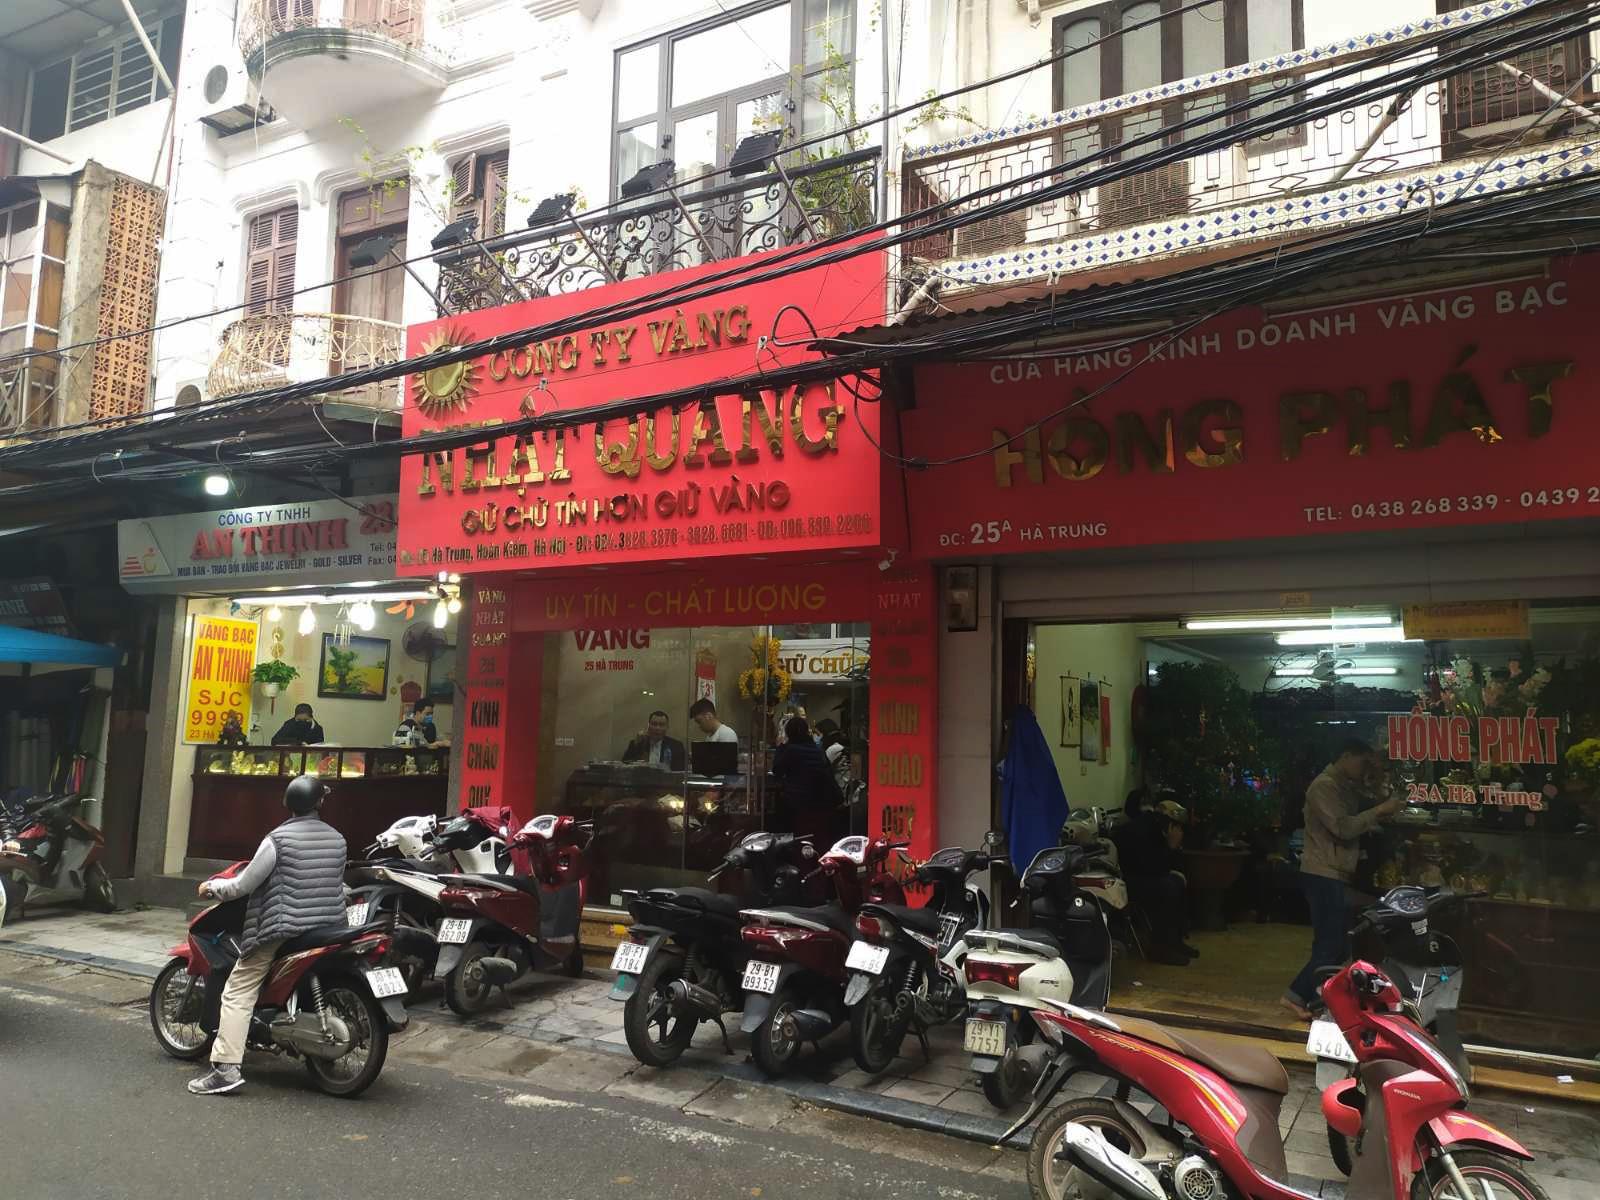 Nhiều cửa hàng vàng tại Hà Nội đìu hiu ngày vía Thần Tài - Ảnh 7.